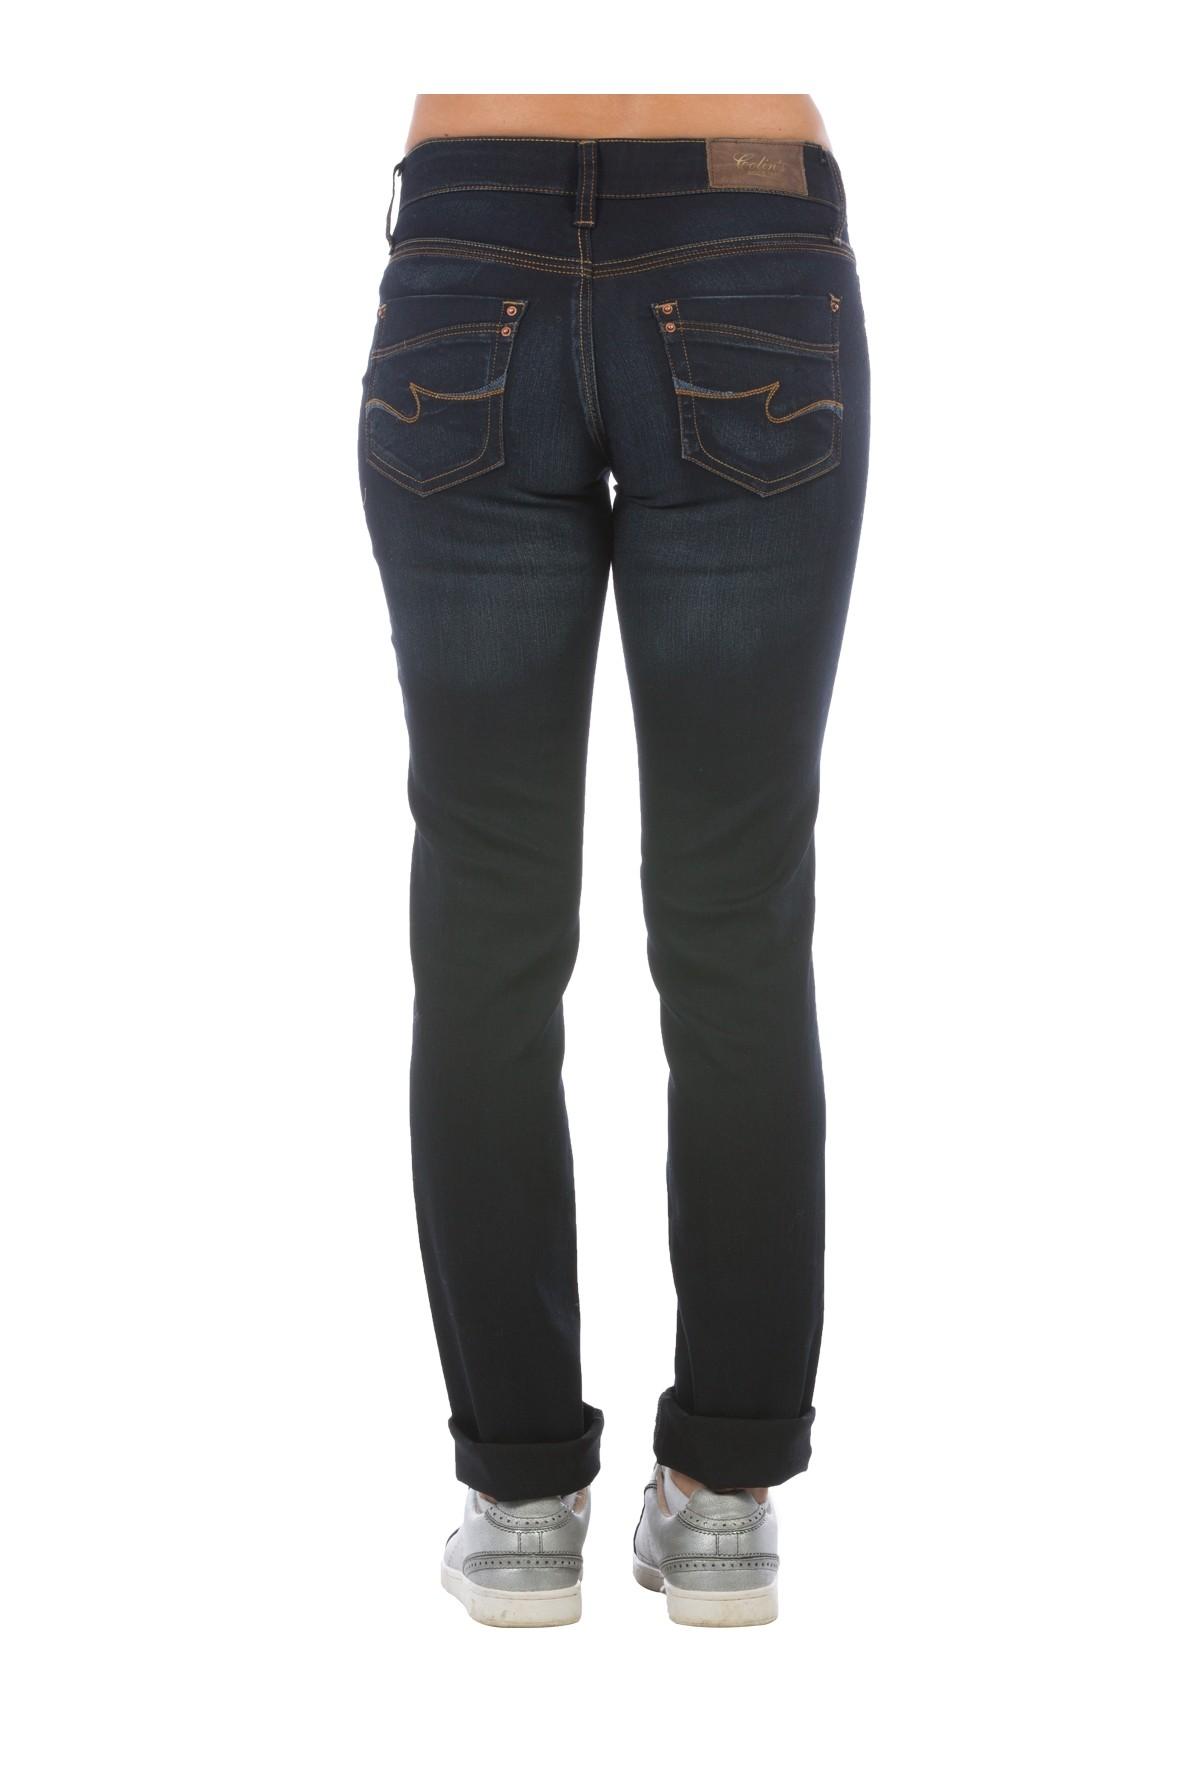 93db463f1 جينز نسائي في تركيا | تركيا - ادويت